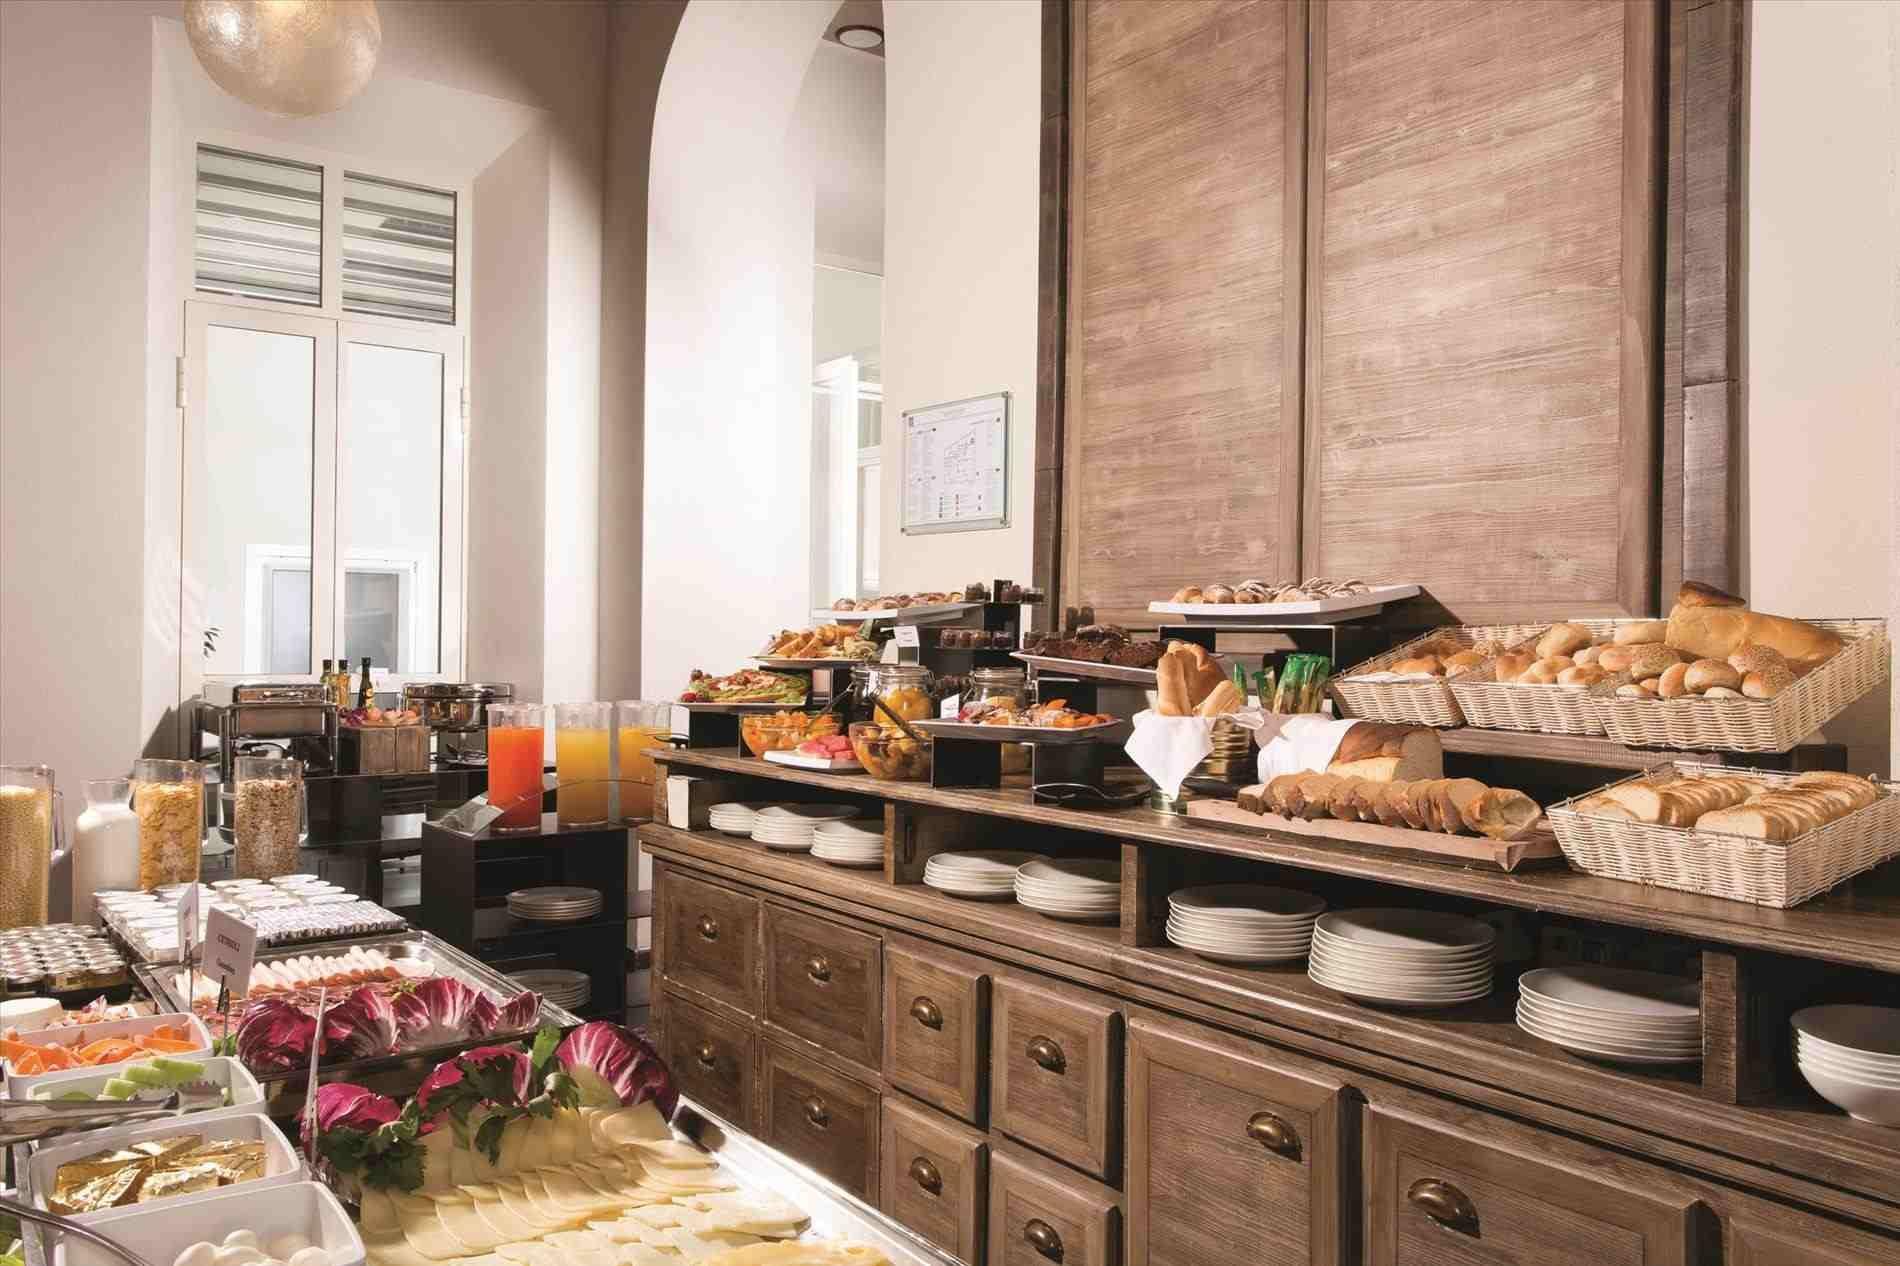 Hotel Breakfast Buffet Design cookies help us deliver